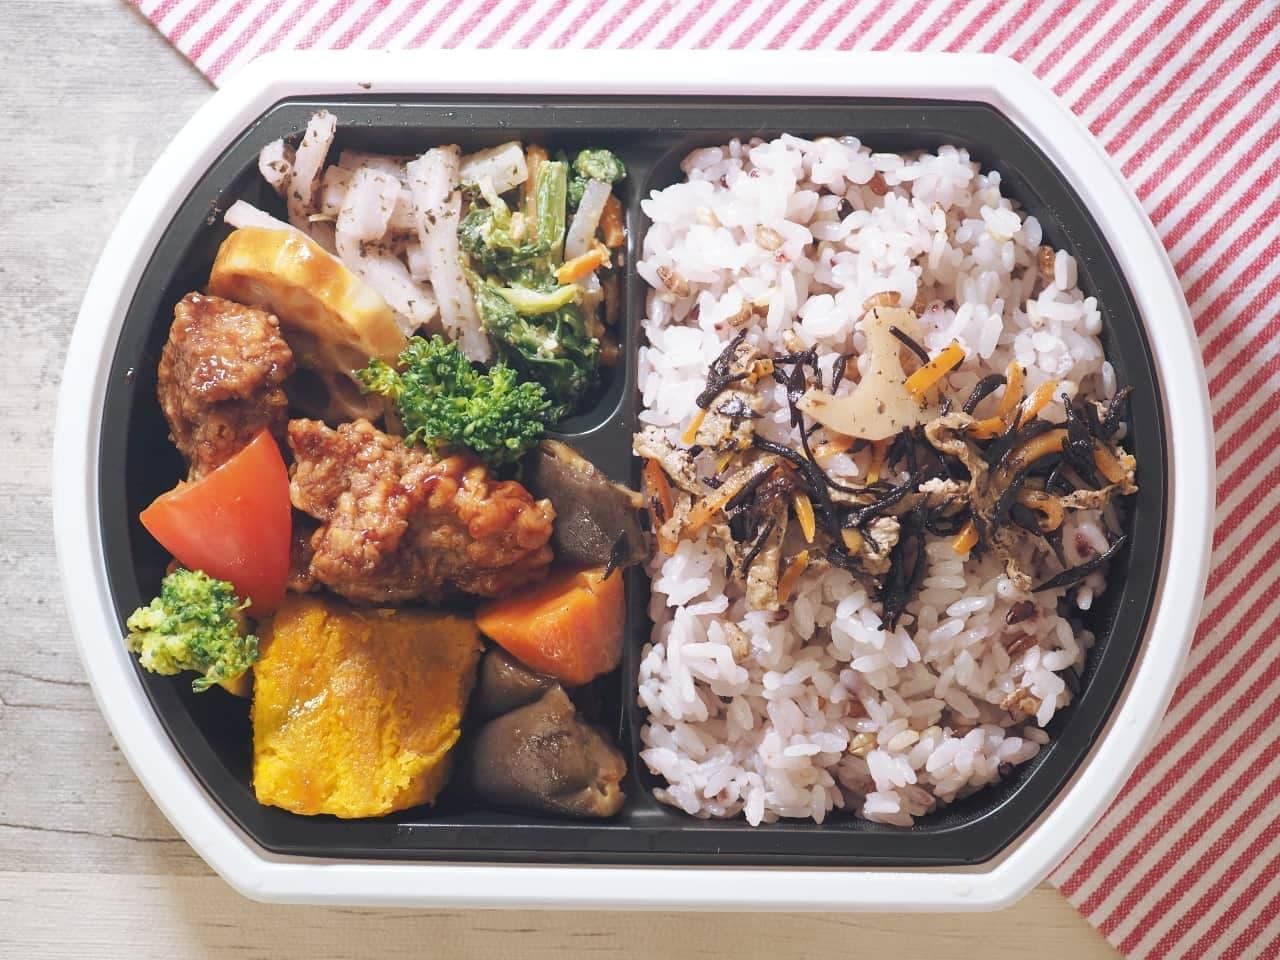 イトーヨーカドーの「鶏唐揚げと1/3日分野菜の黒酢弁当」